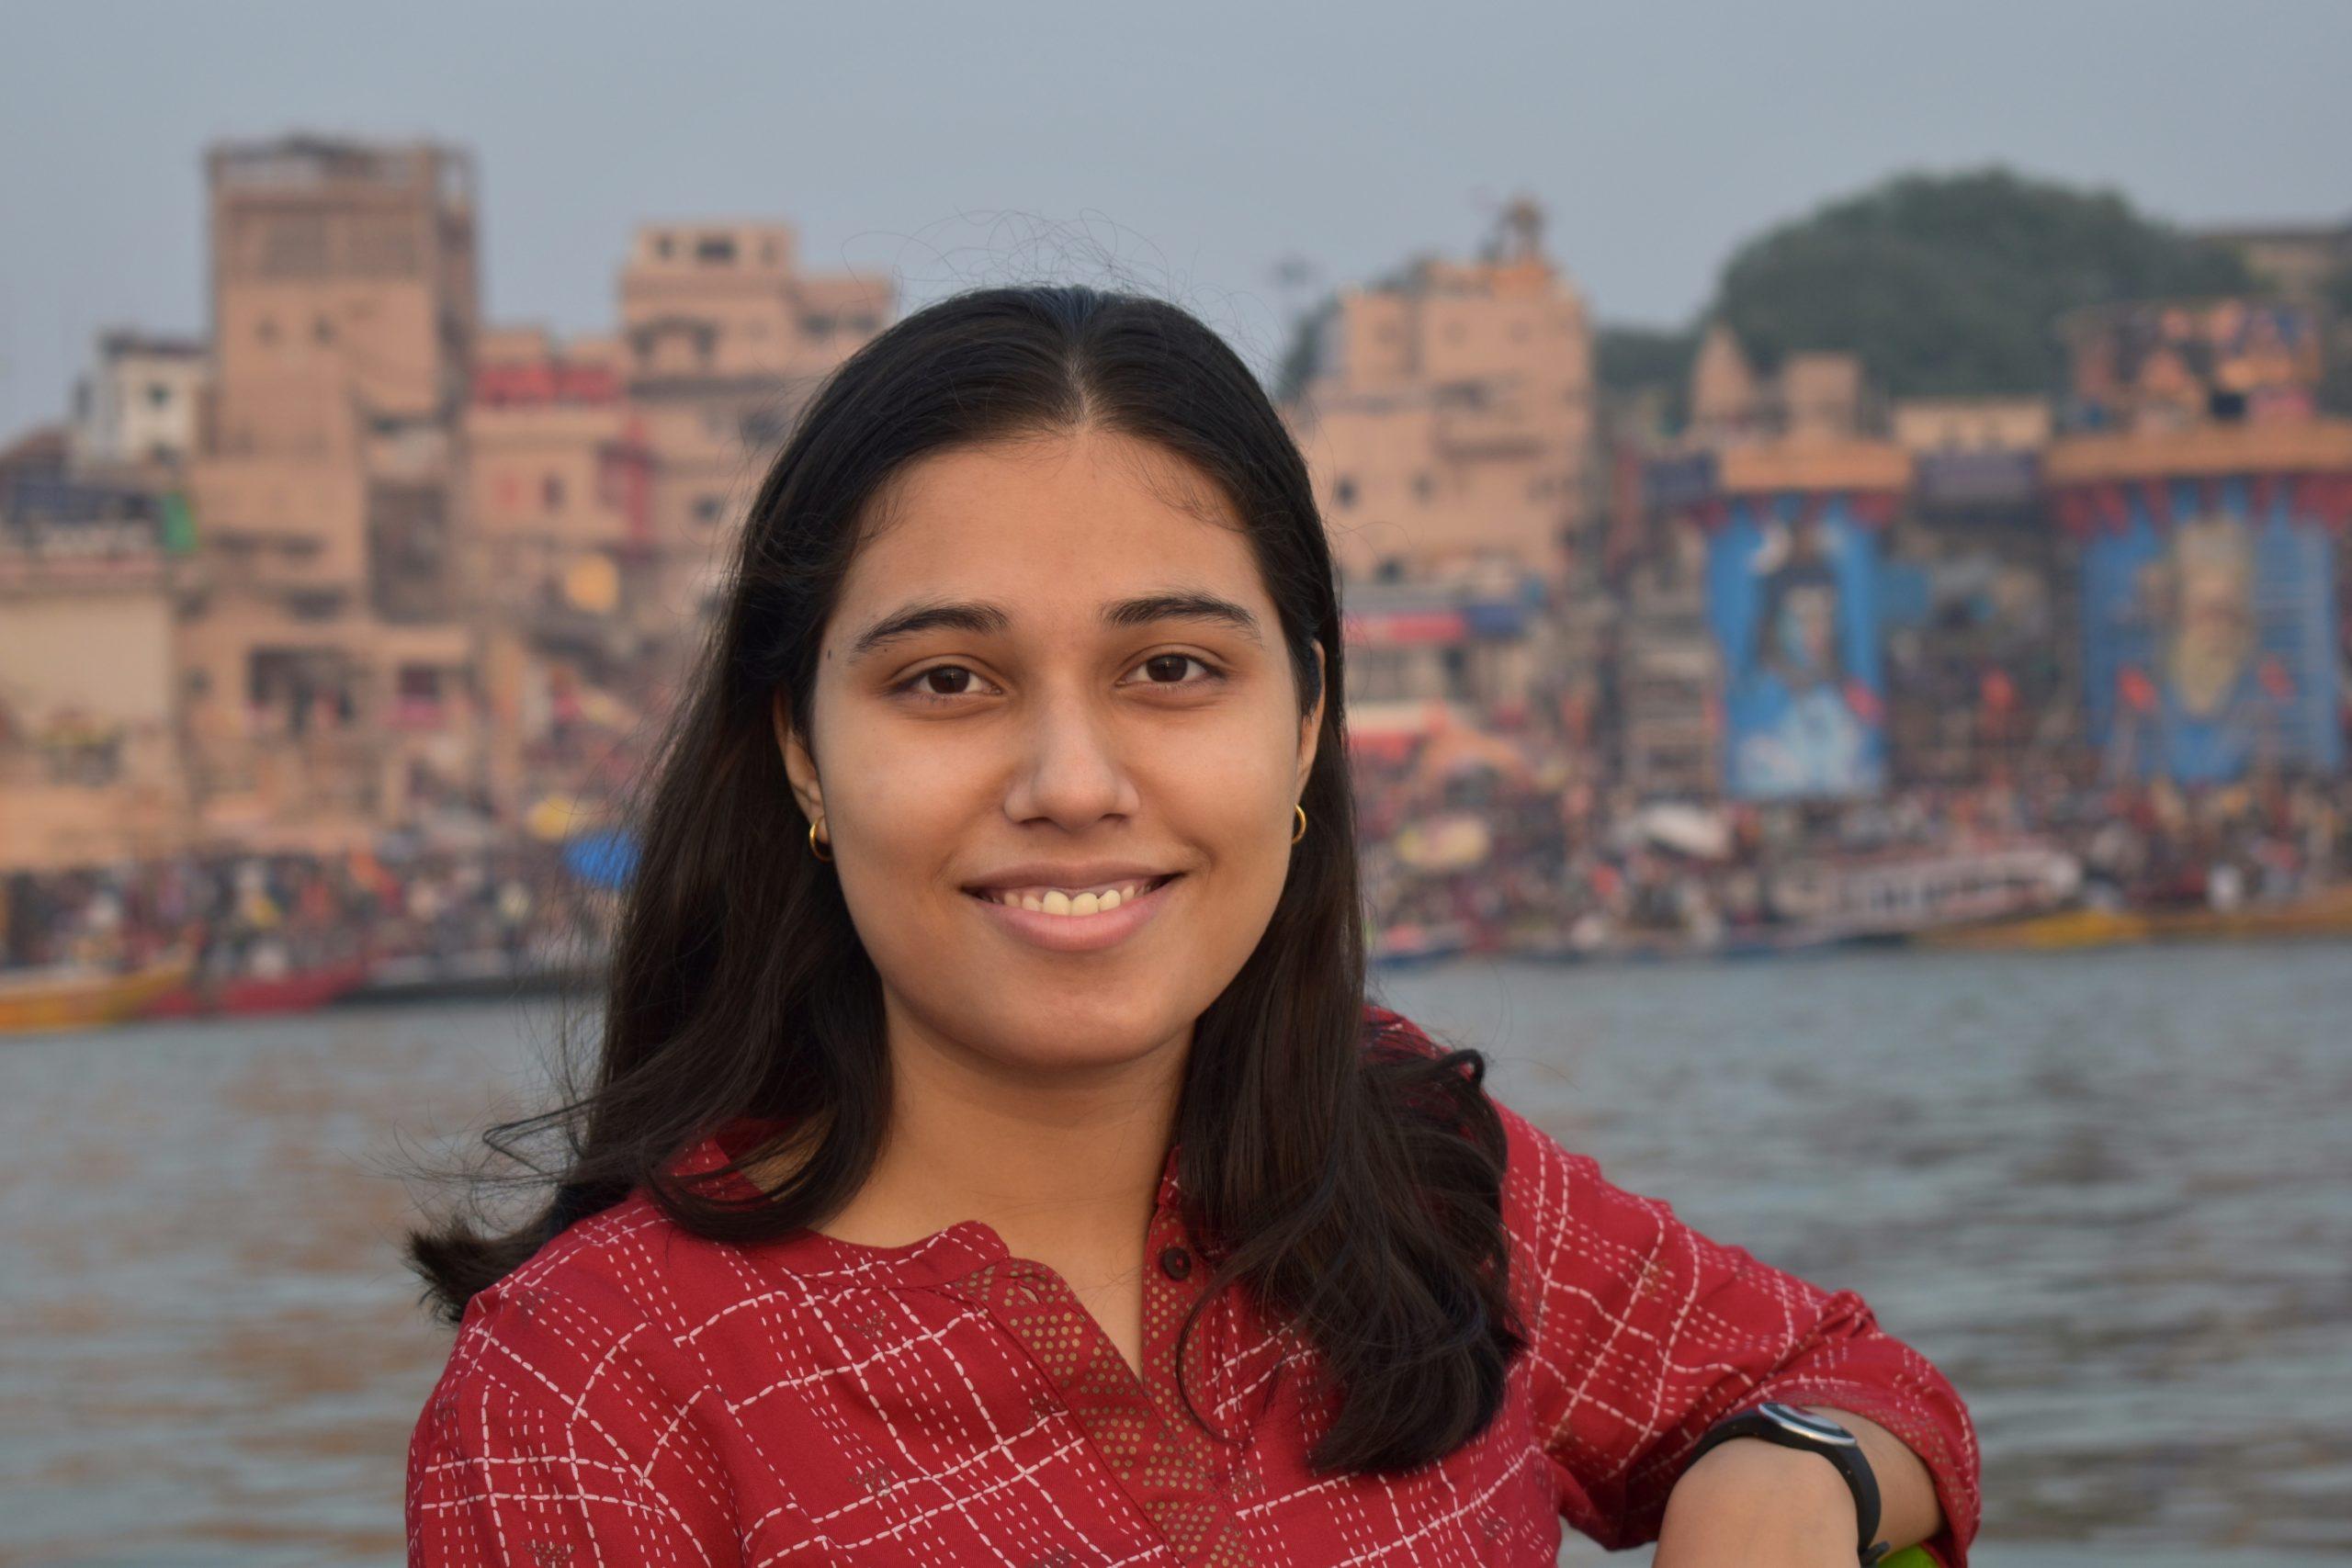 LAUGH OUT LOUD: Saloni Gaur